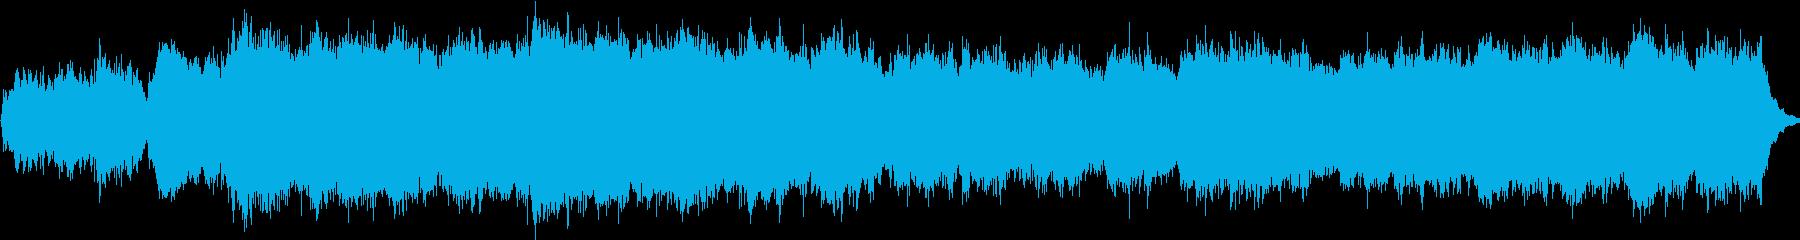 オリジナル聖歌隊用讃美歌風楽曲の再生済みの波形